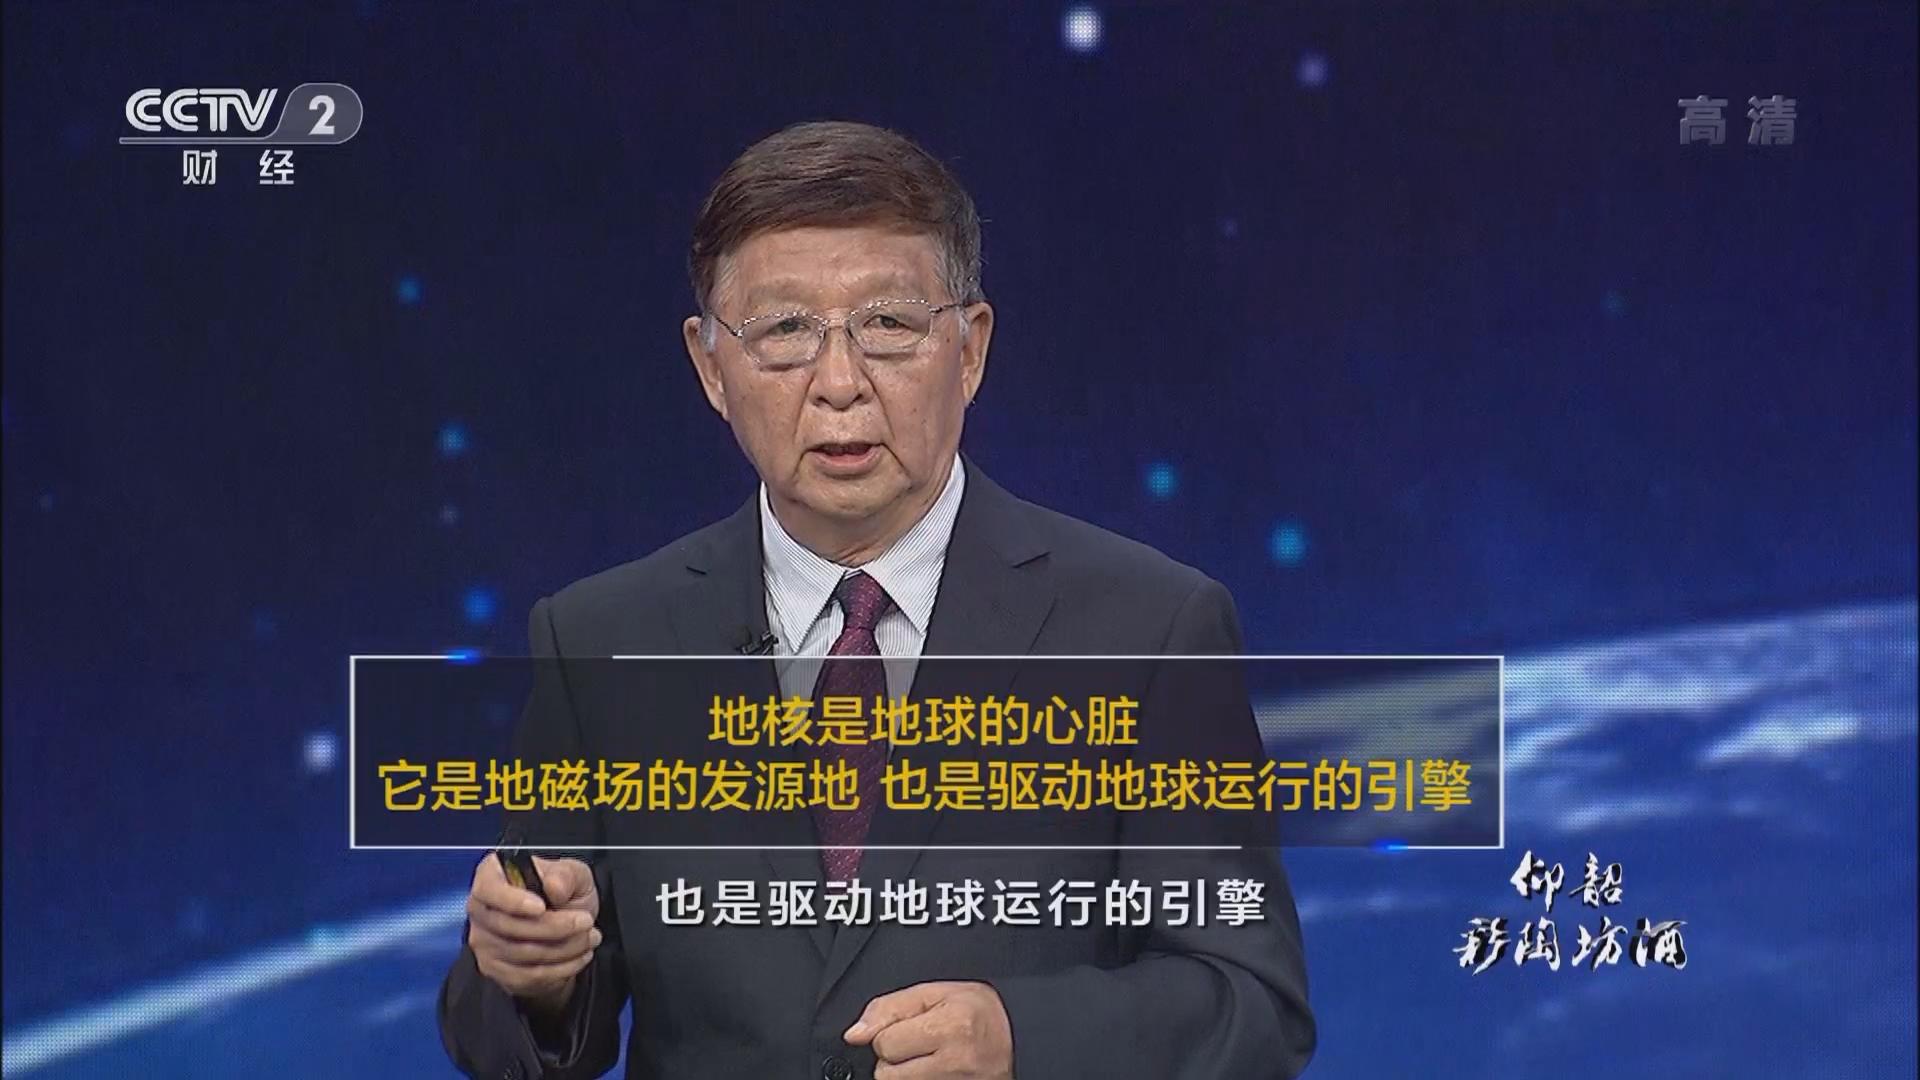 《中国经济大讲堂》 20211003 如何与地球谈谈心?